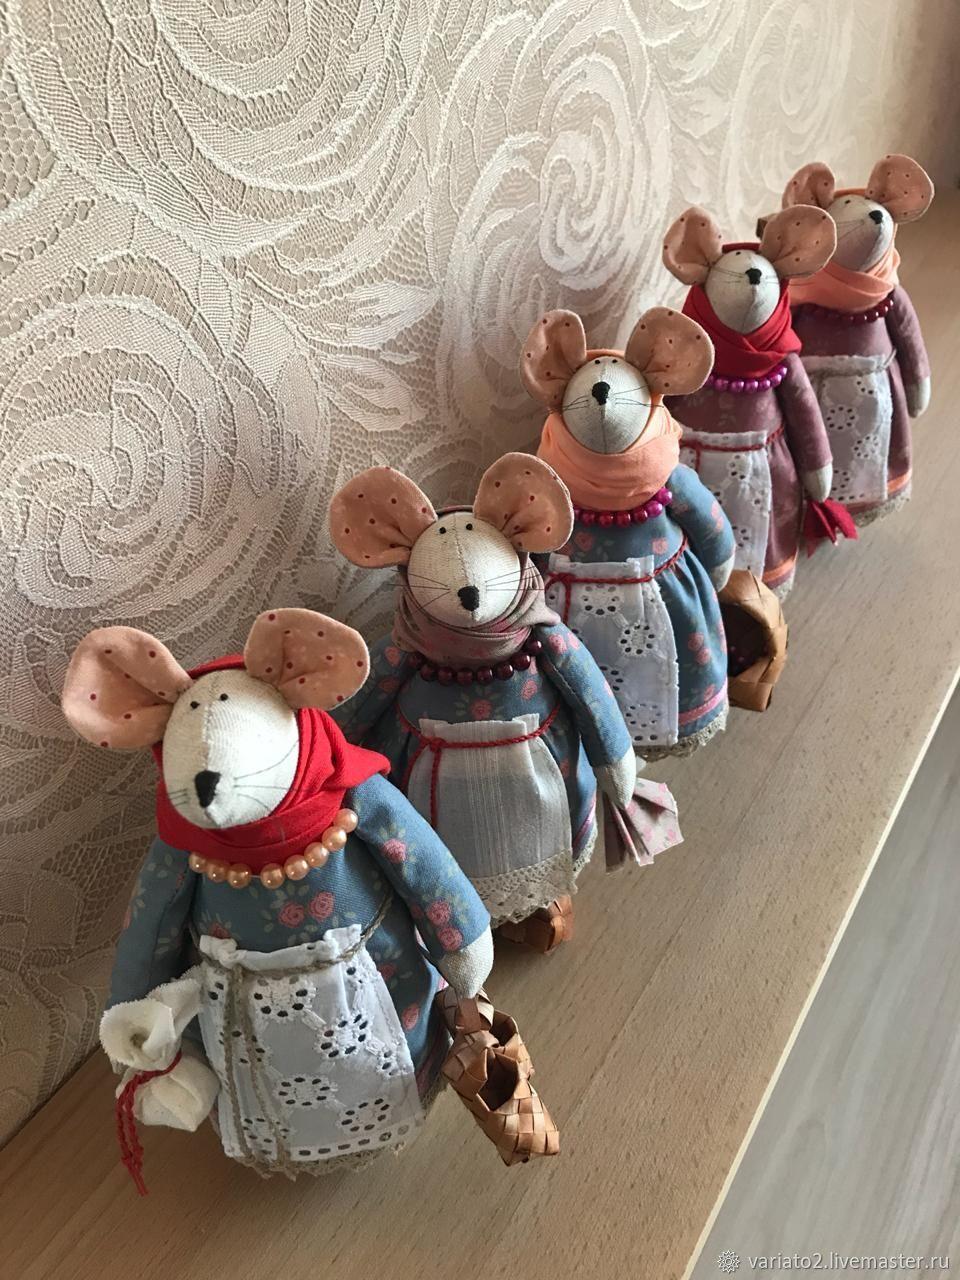 Мышки в русском стиле, Народная кукла, Липецк,  Фото №1